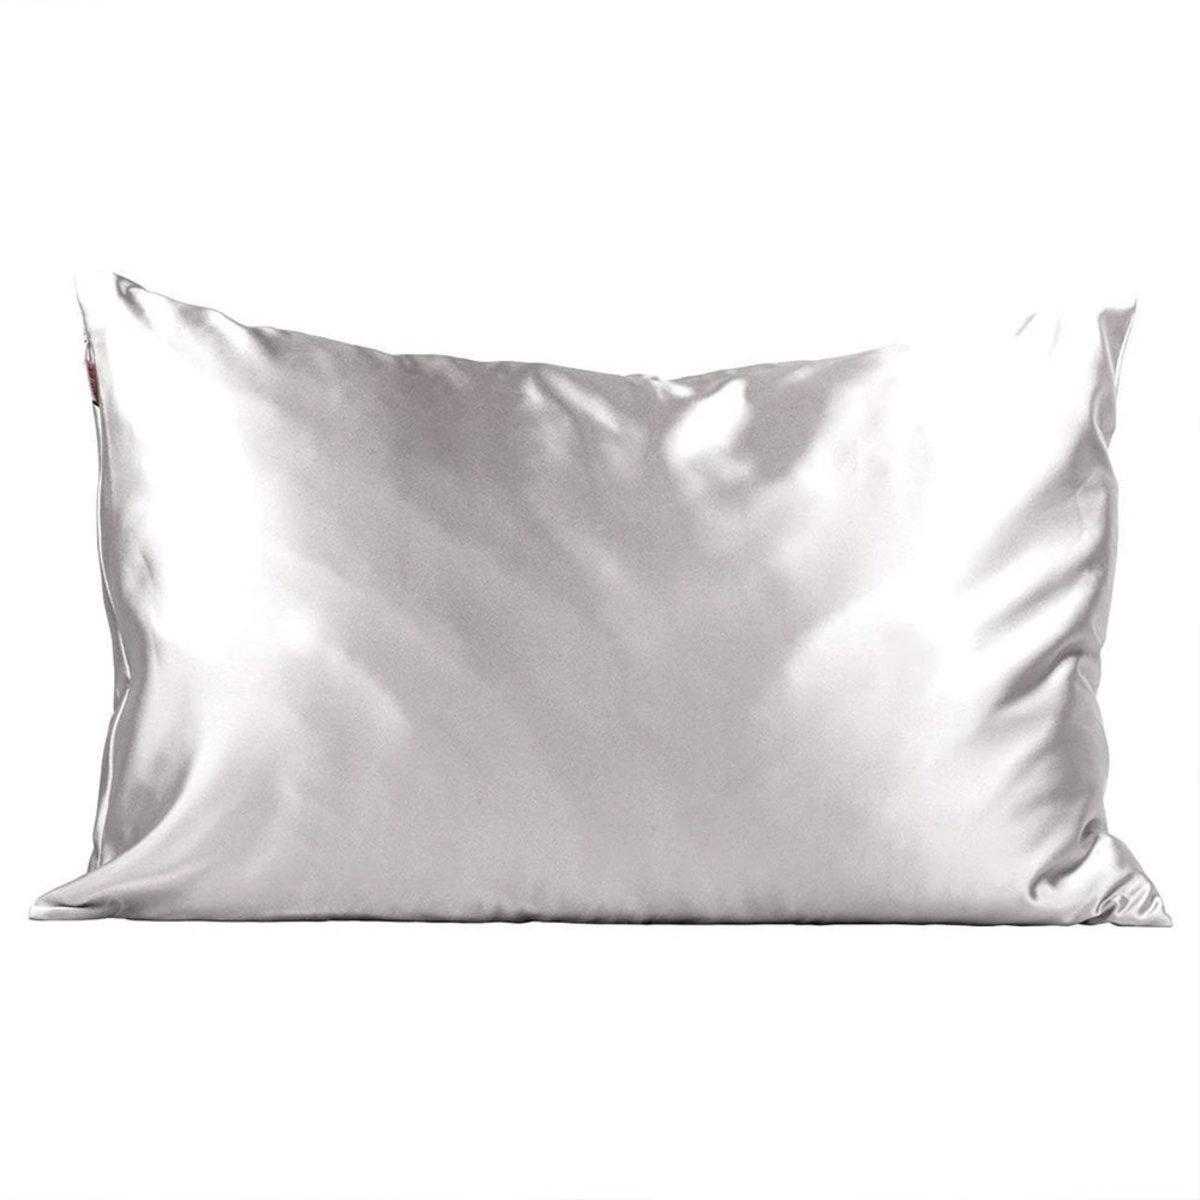 Satin Pillowcase・Silver